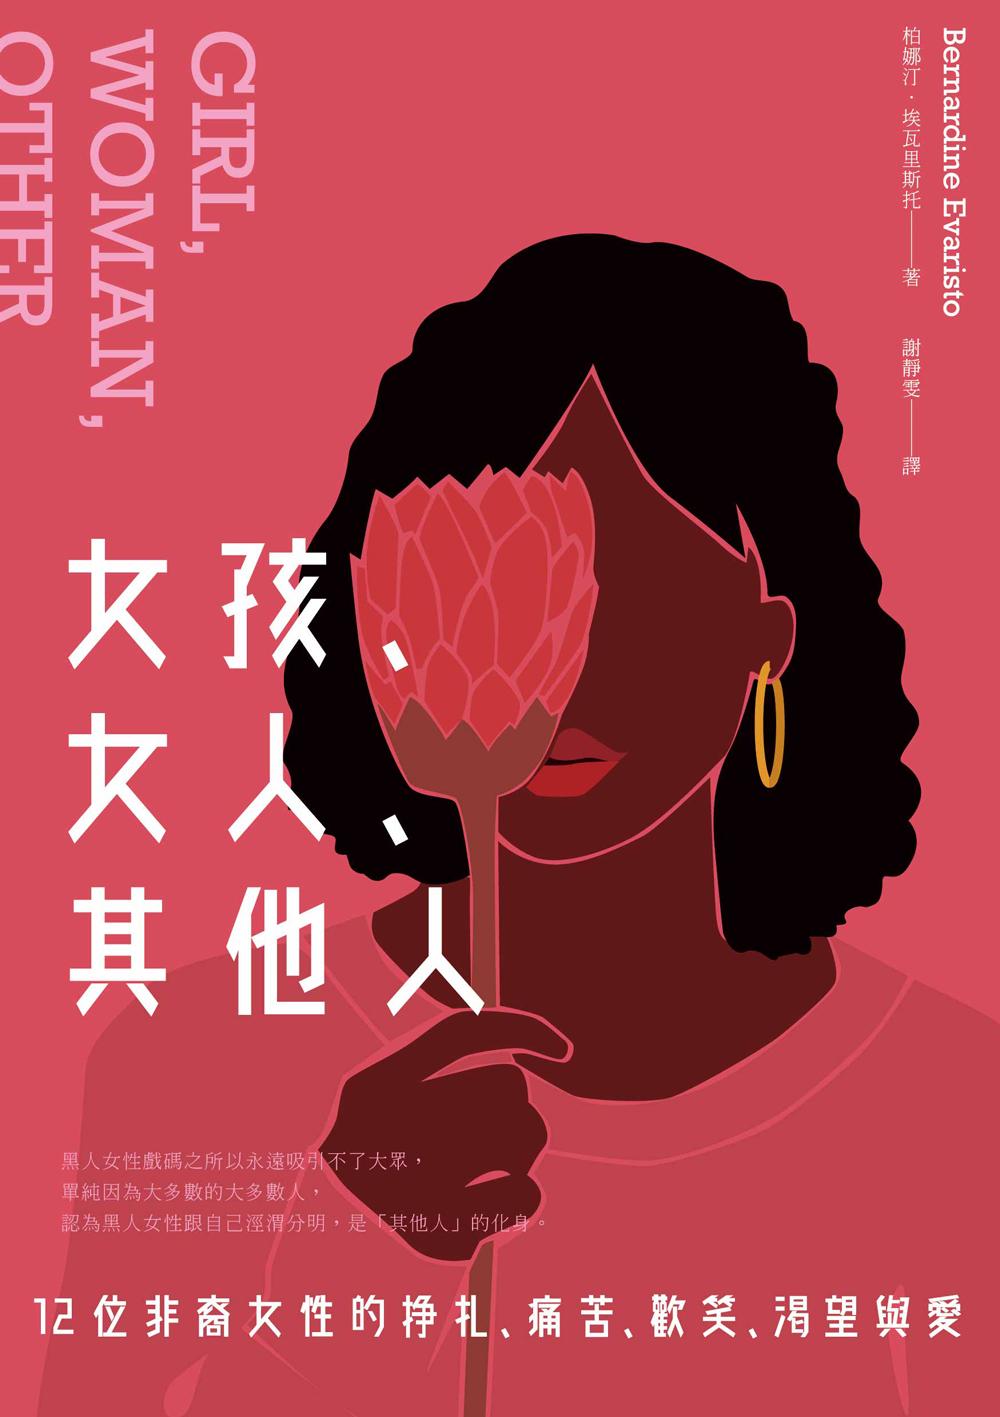 女孩、女人、其他人:12位非裔女性的掙扎、痛苦、歡笑、渴望與愛 (電子書)